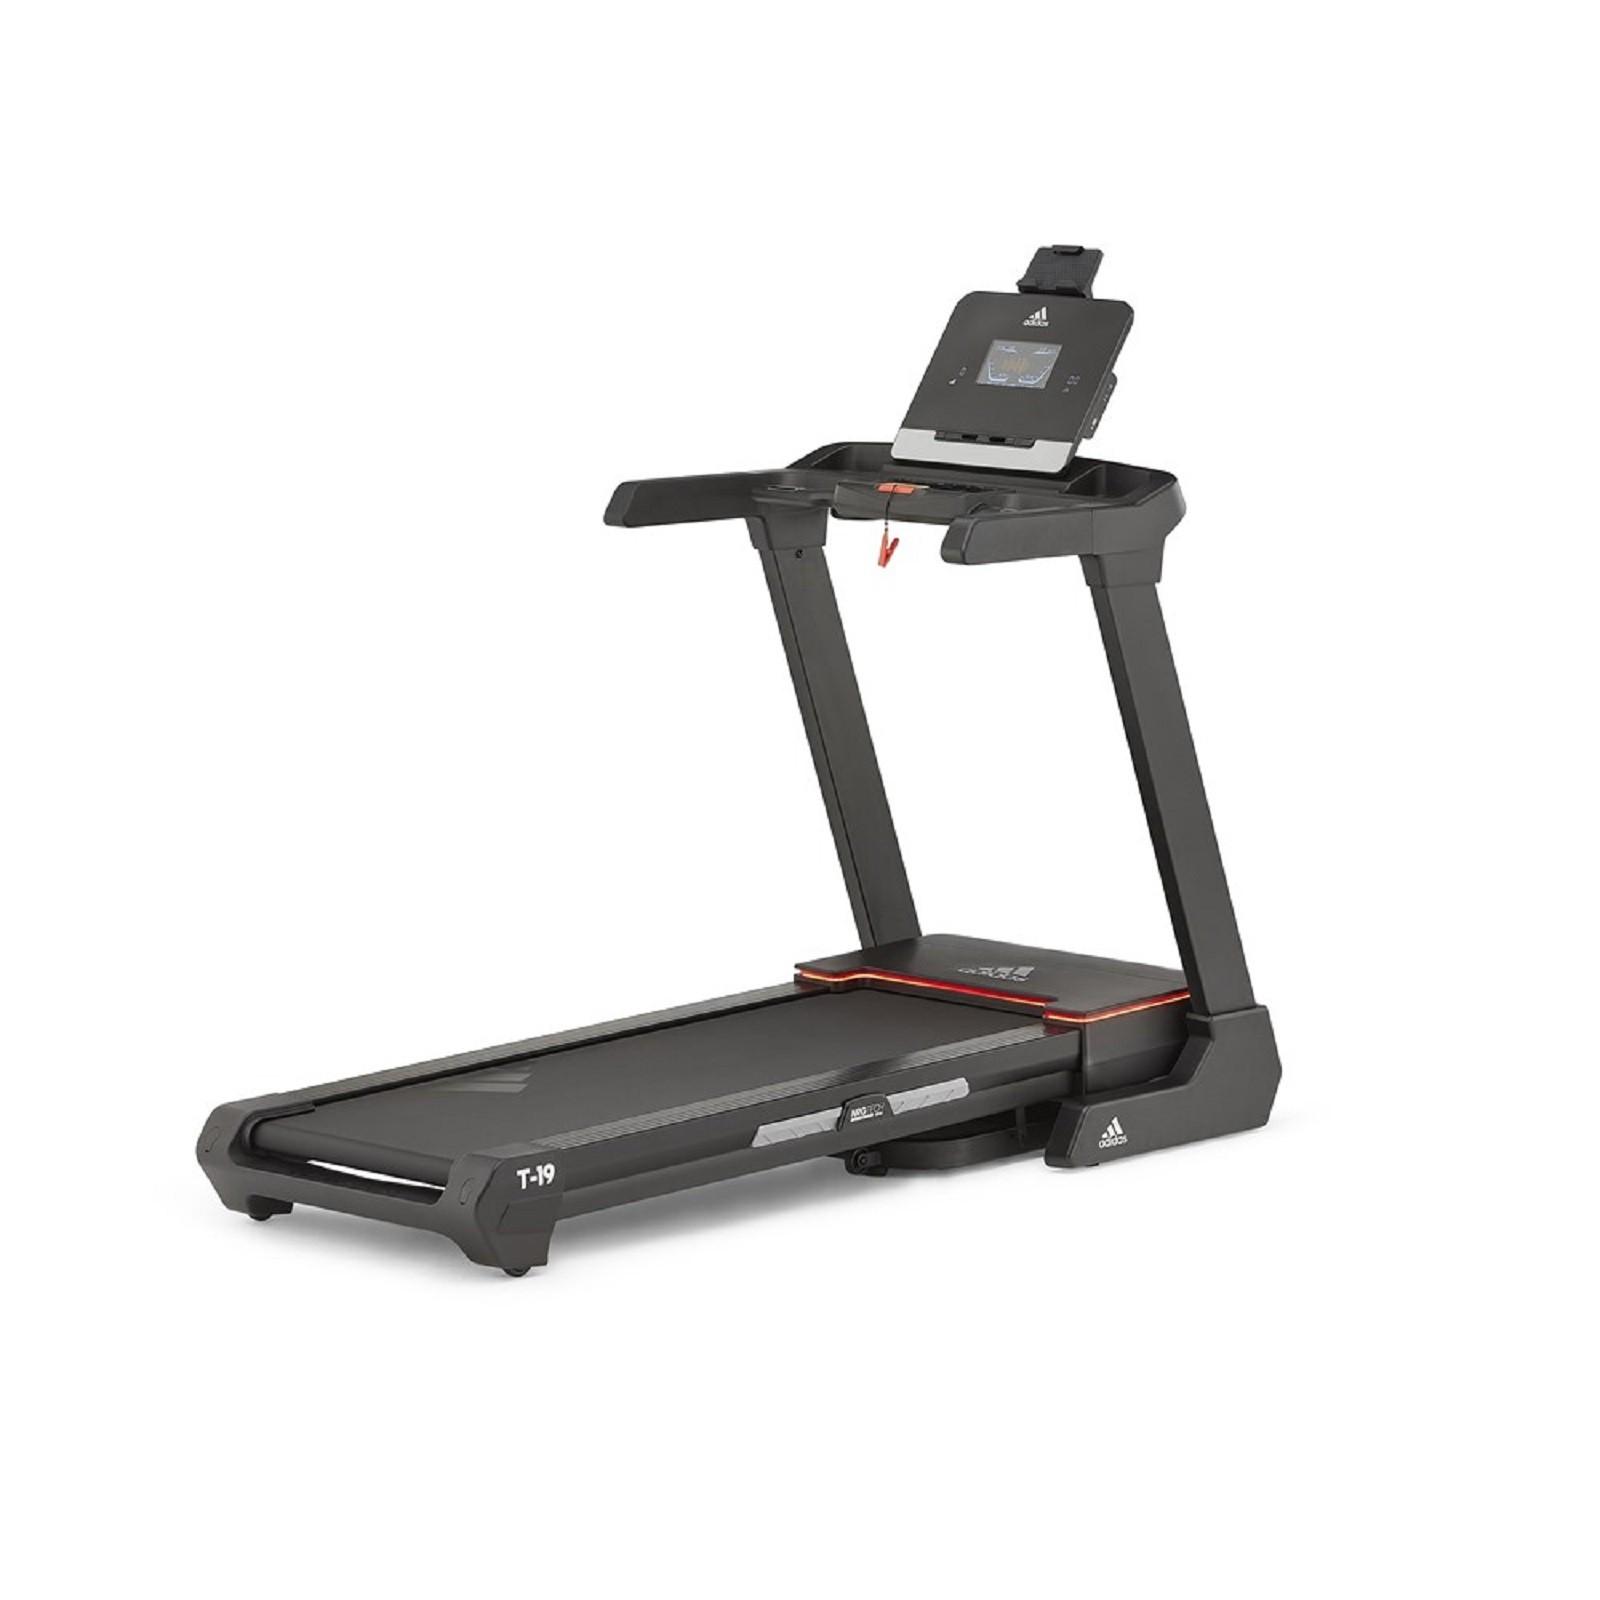 obesidad en frente de Higgins  Adidas T-19 Treadmill - Shop Online - Powerhouse Fitness